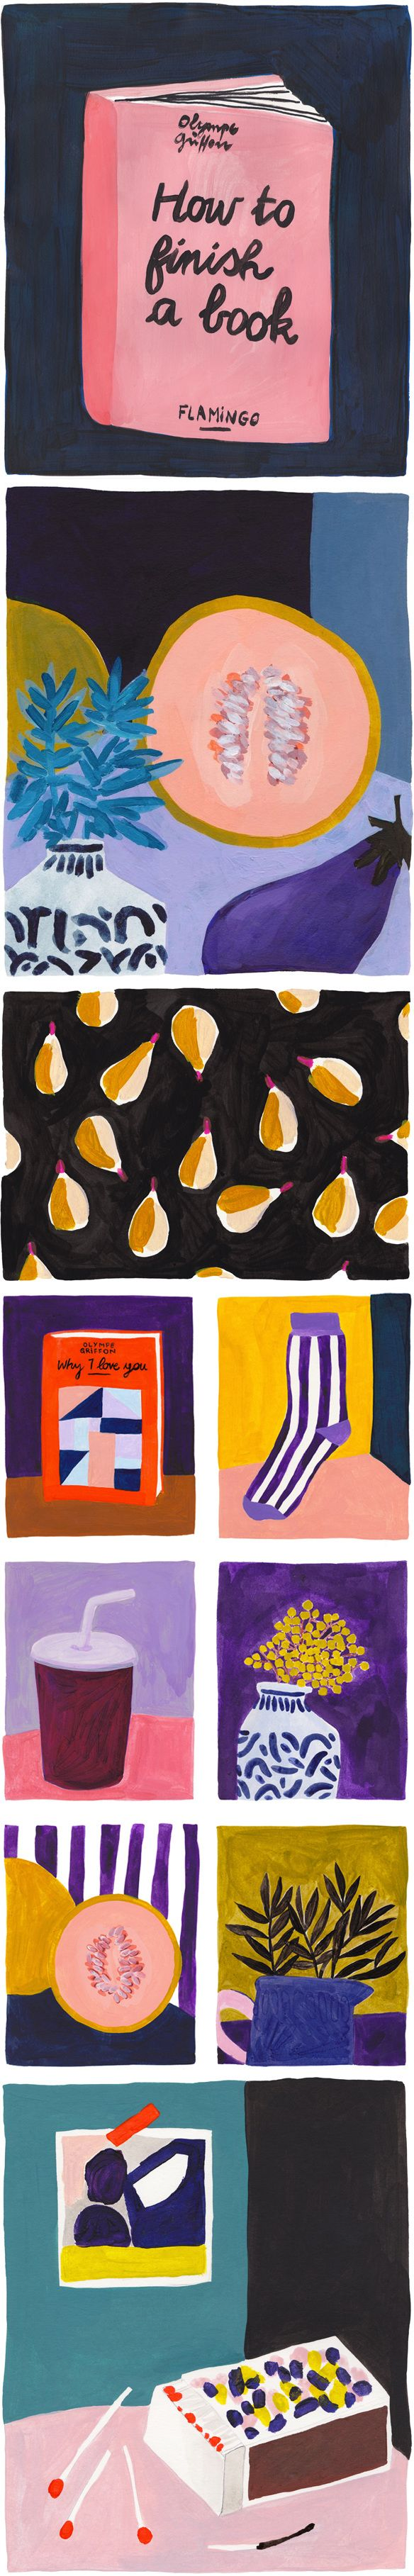 http://www.ossomagazine.com/ILLUSTRAZIONE-La-frutta-di-Lea-Maupetit